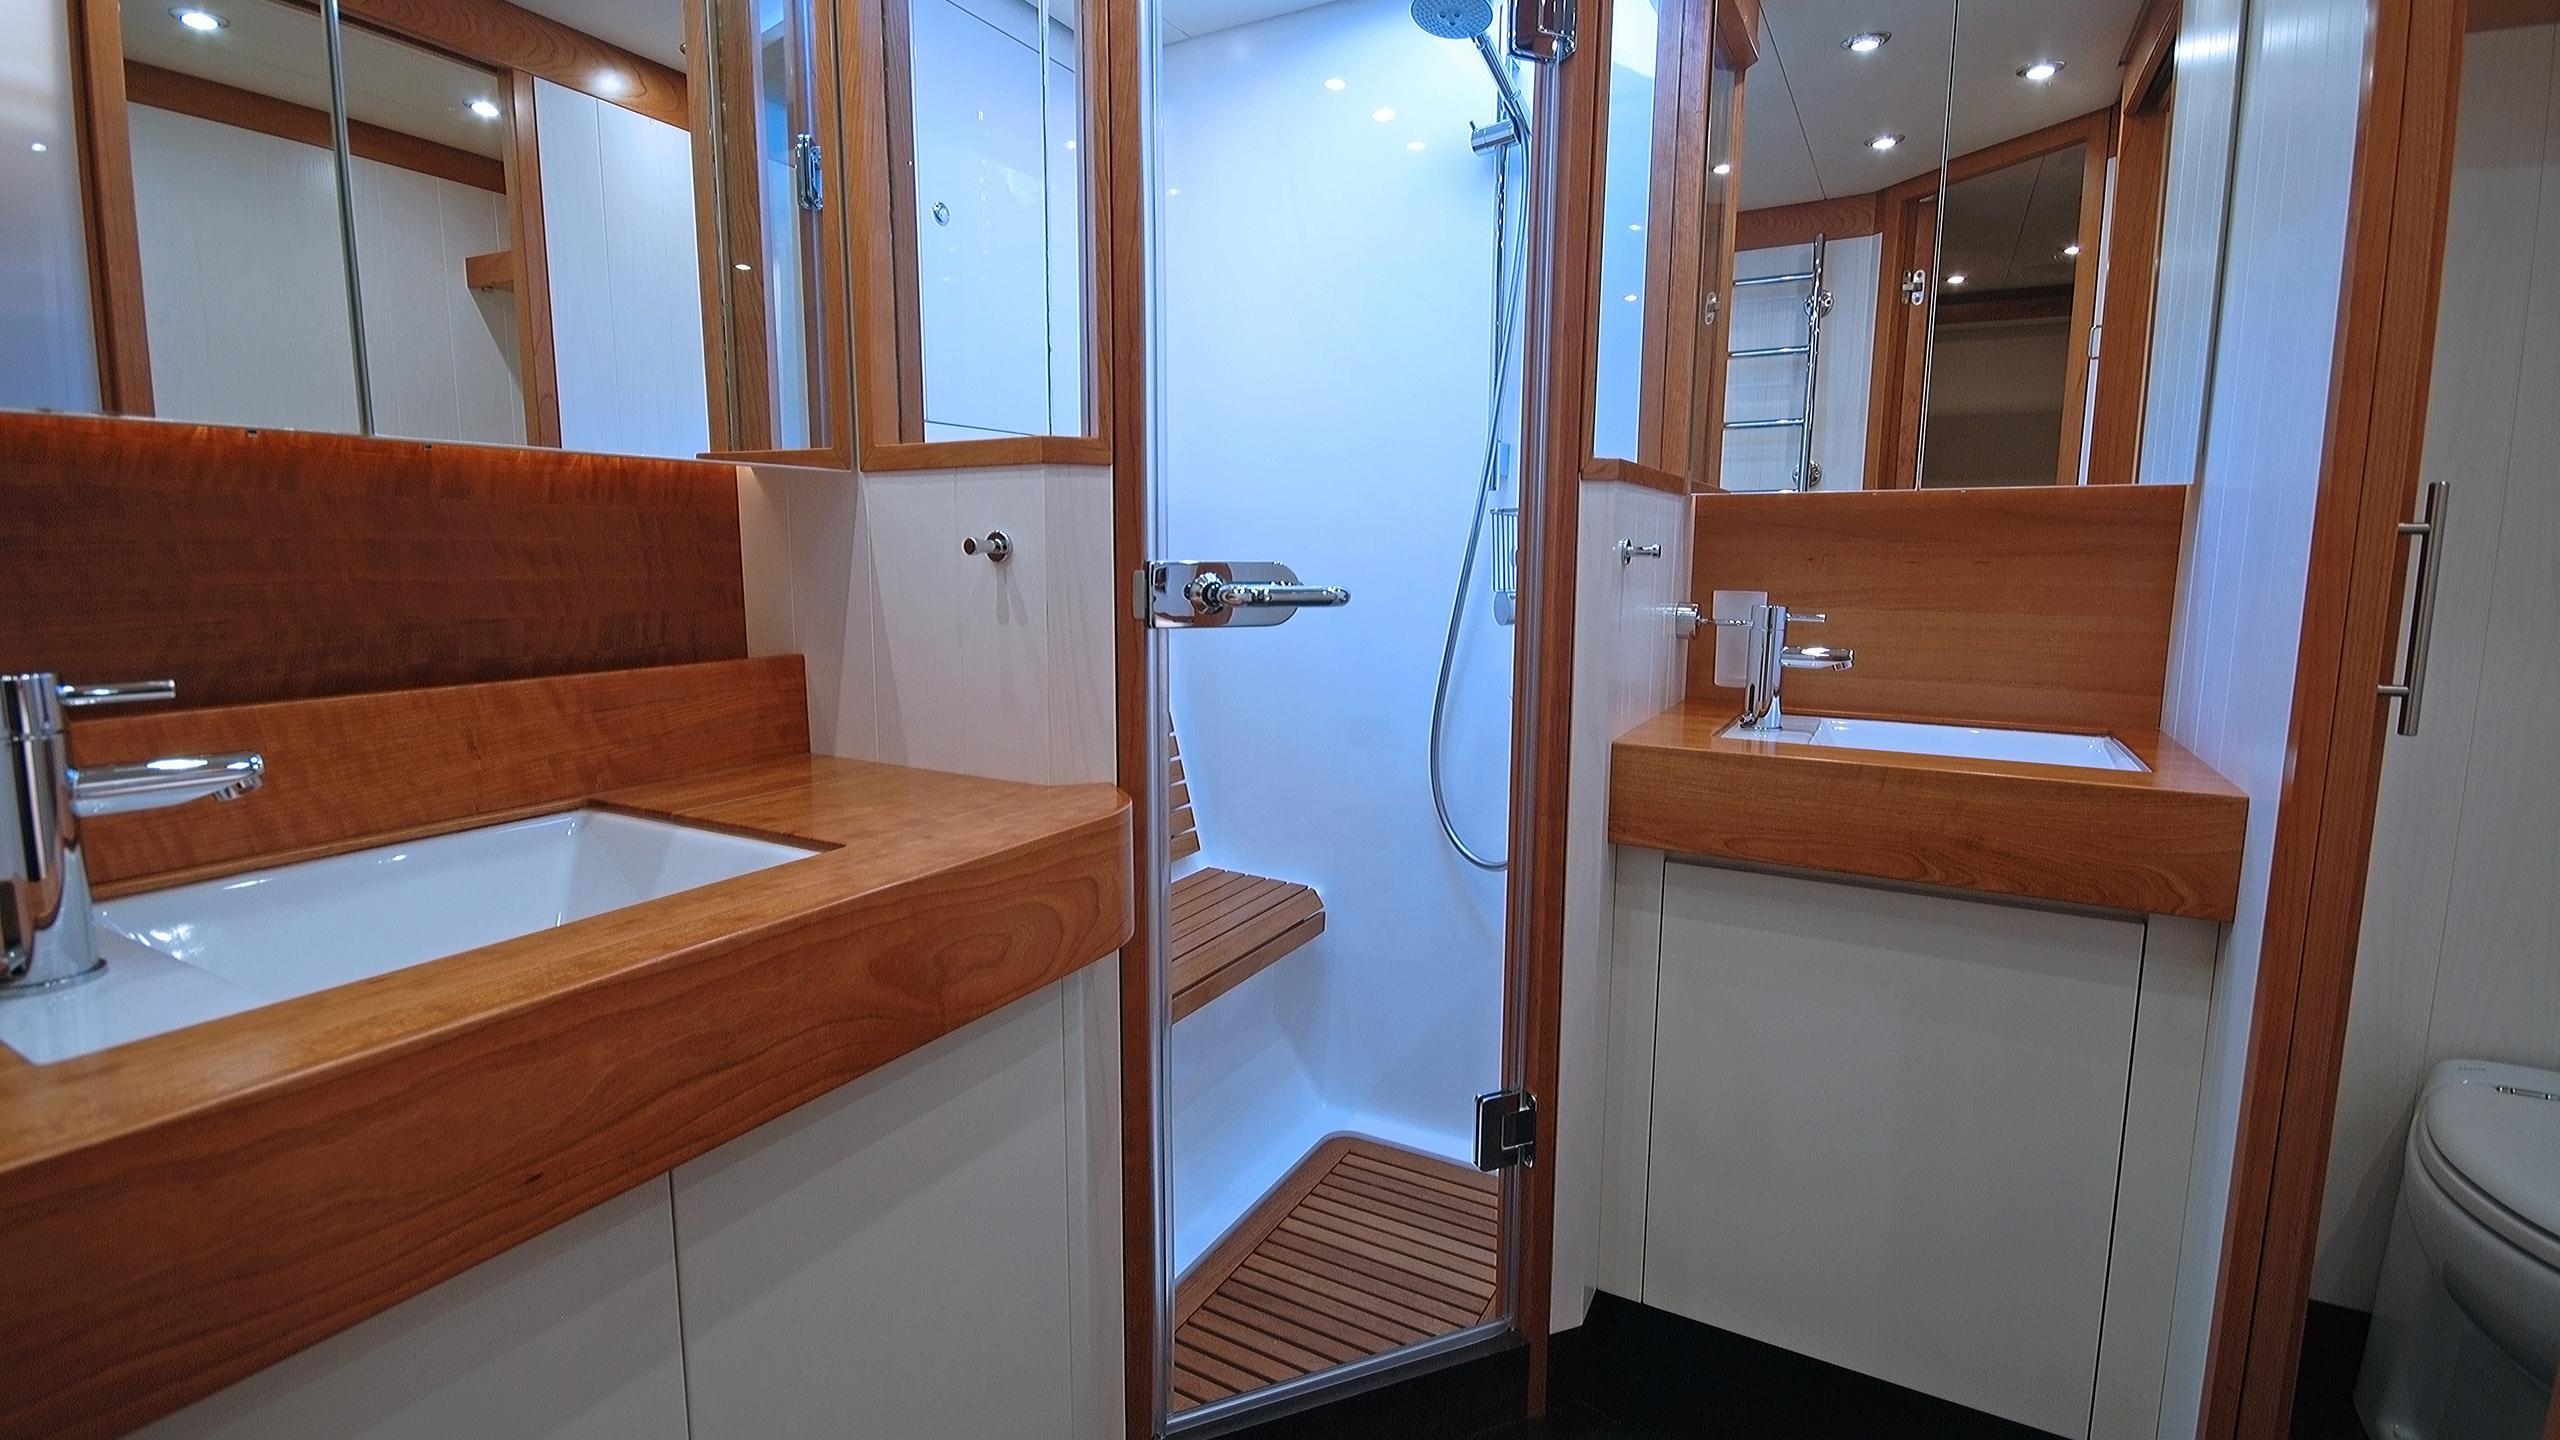 rusalka-yacht-master-bathroom